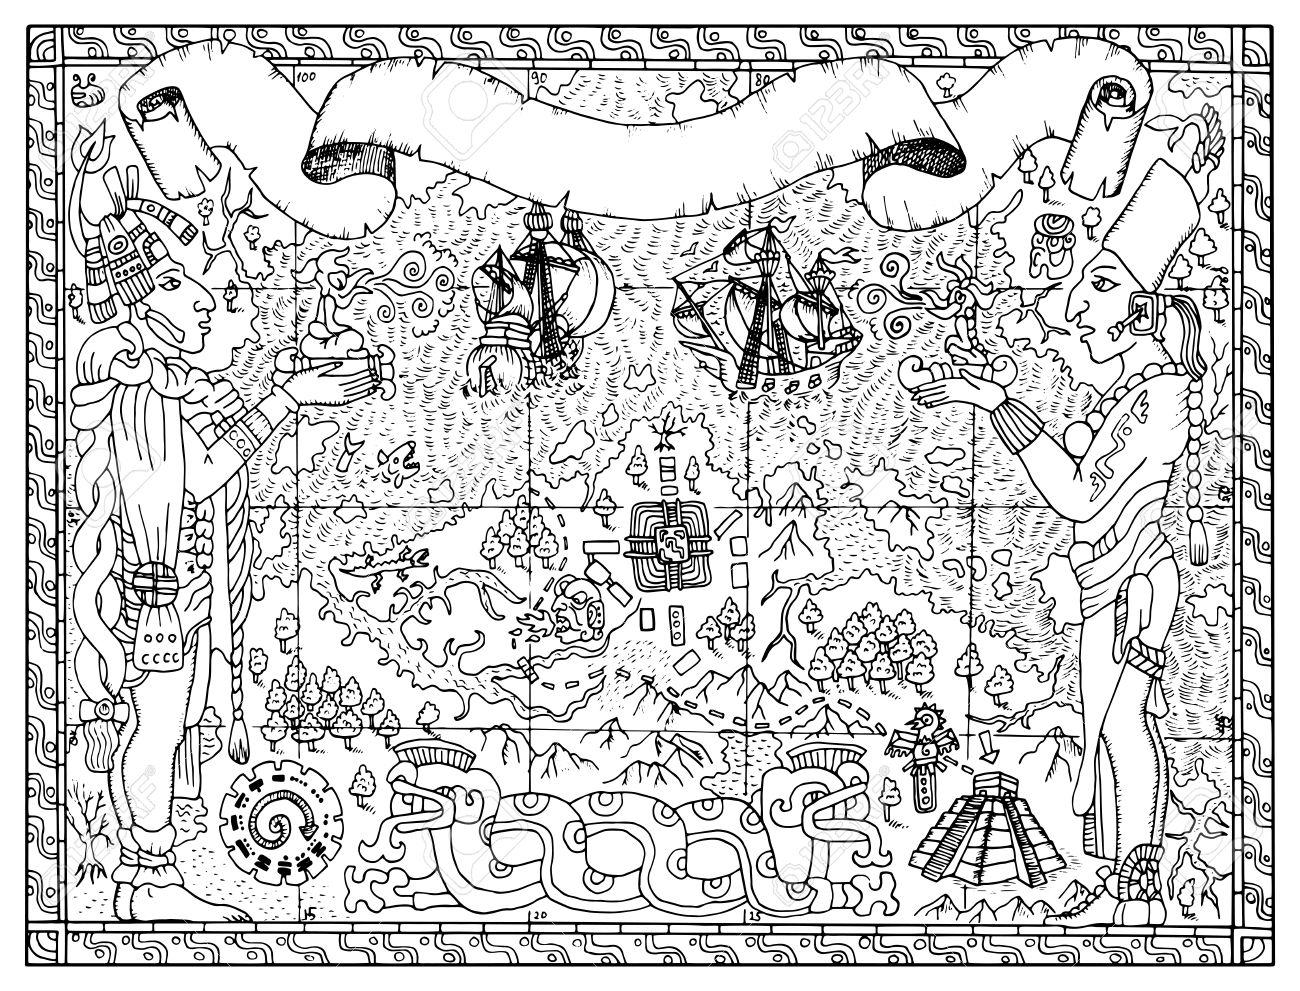 マヤアステカや海賊の地図 2 つの神々船ファンタジーの土地とします